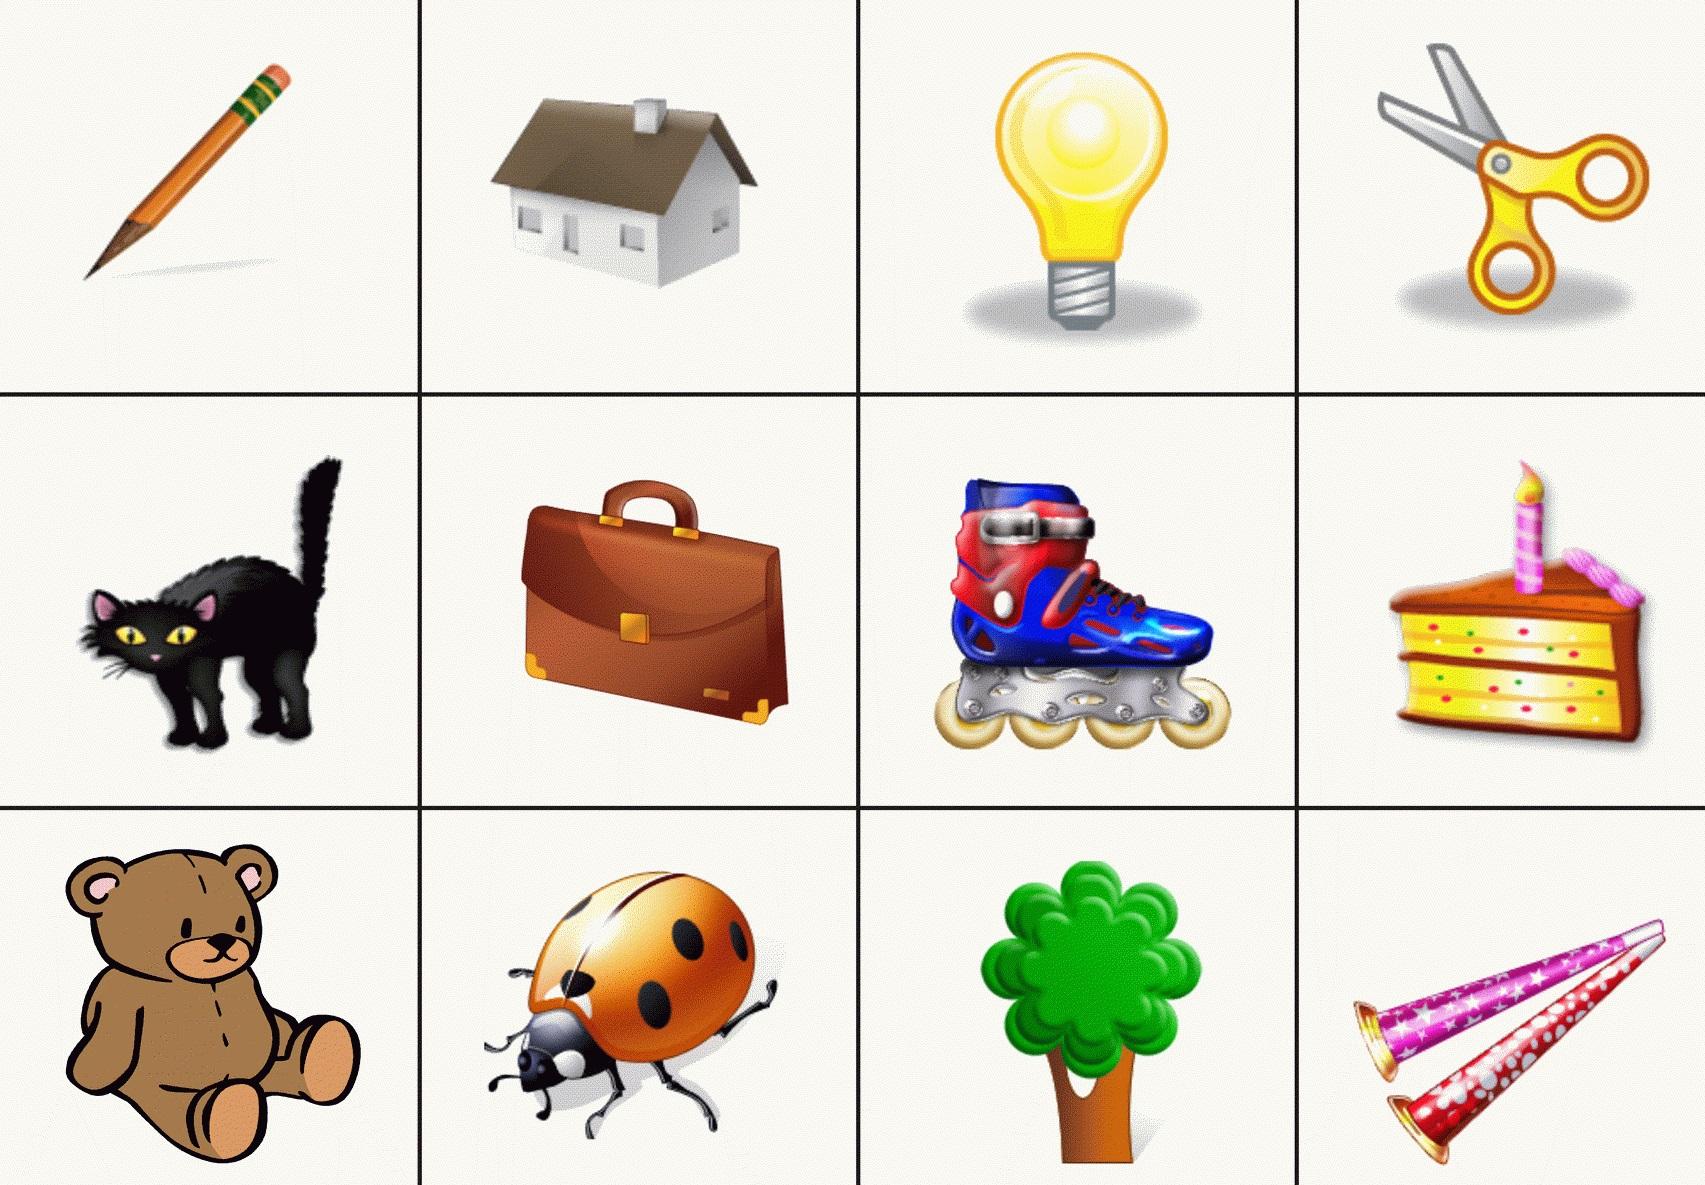 Картинки с предметами для ребенка